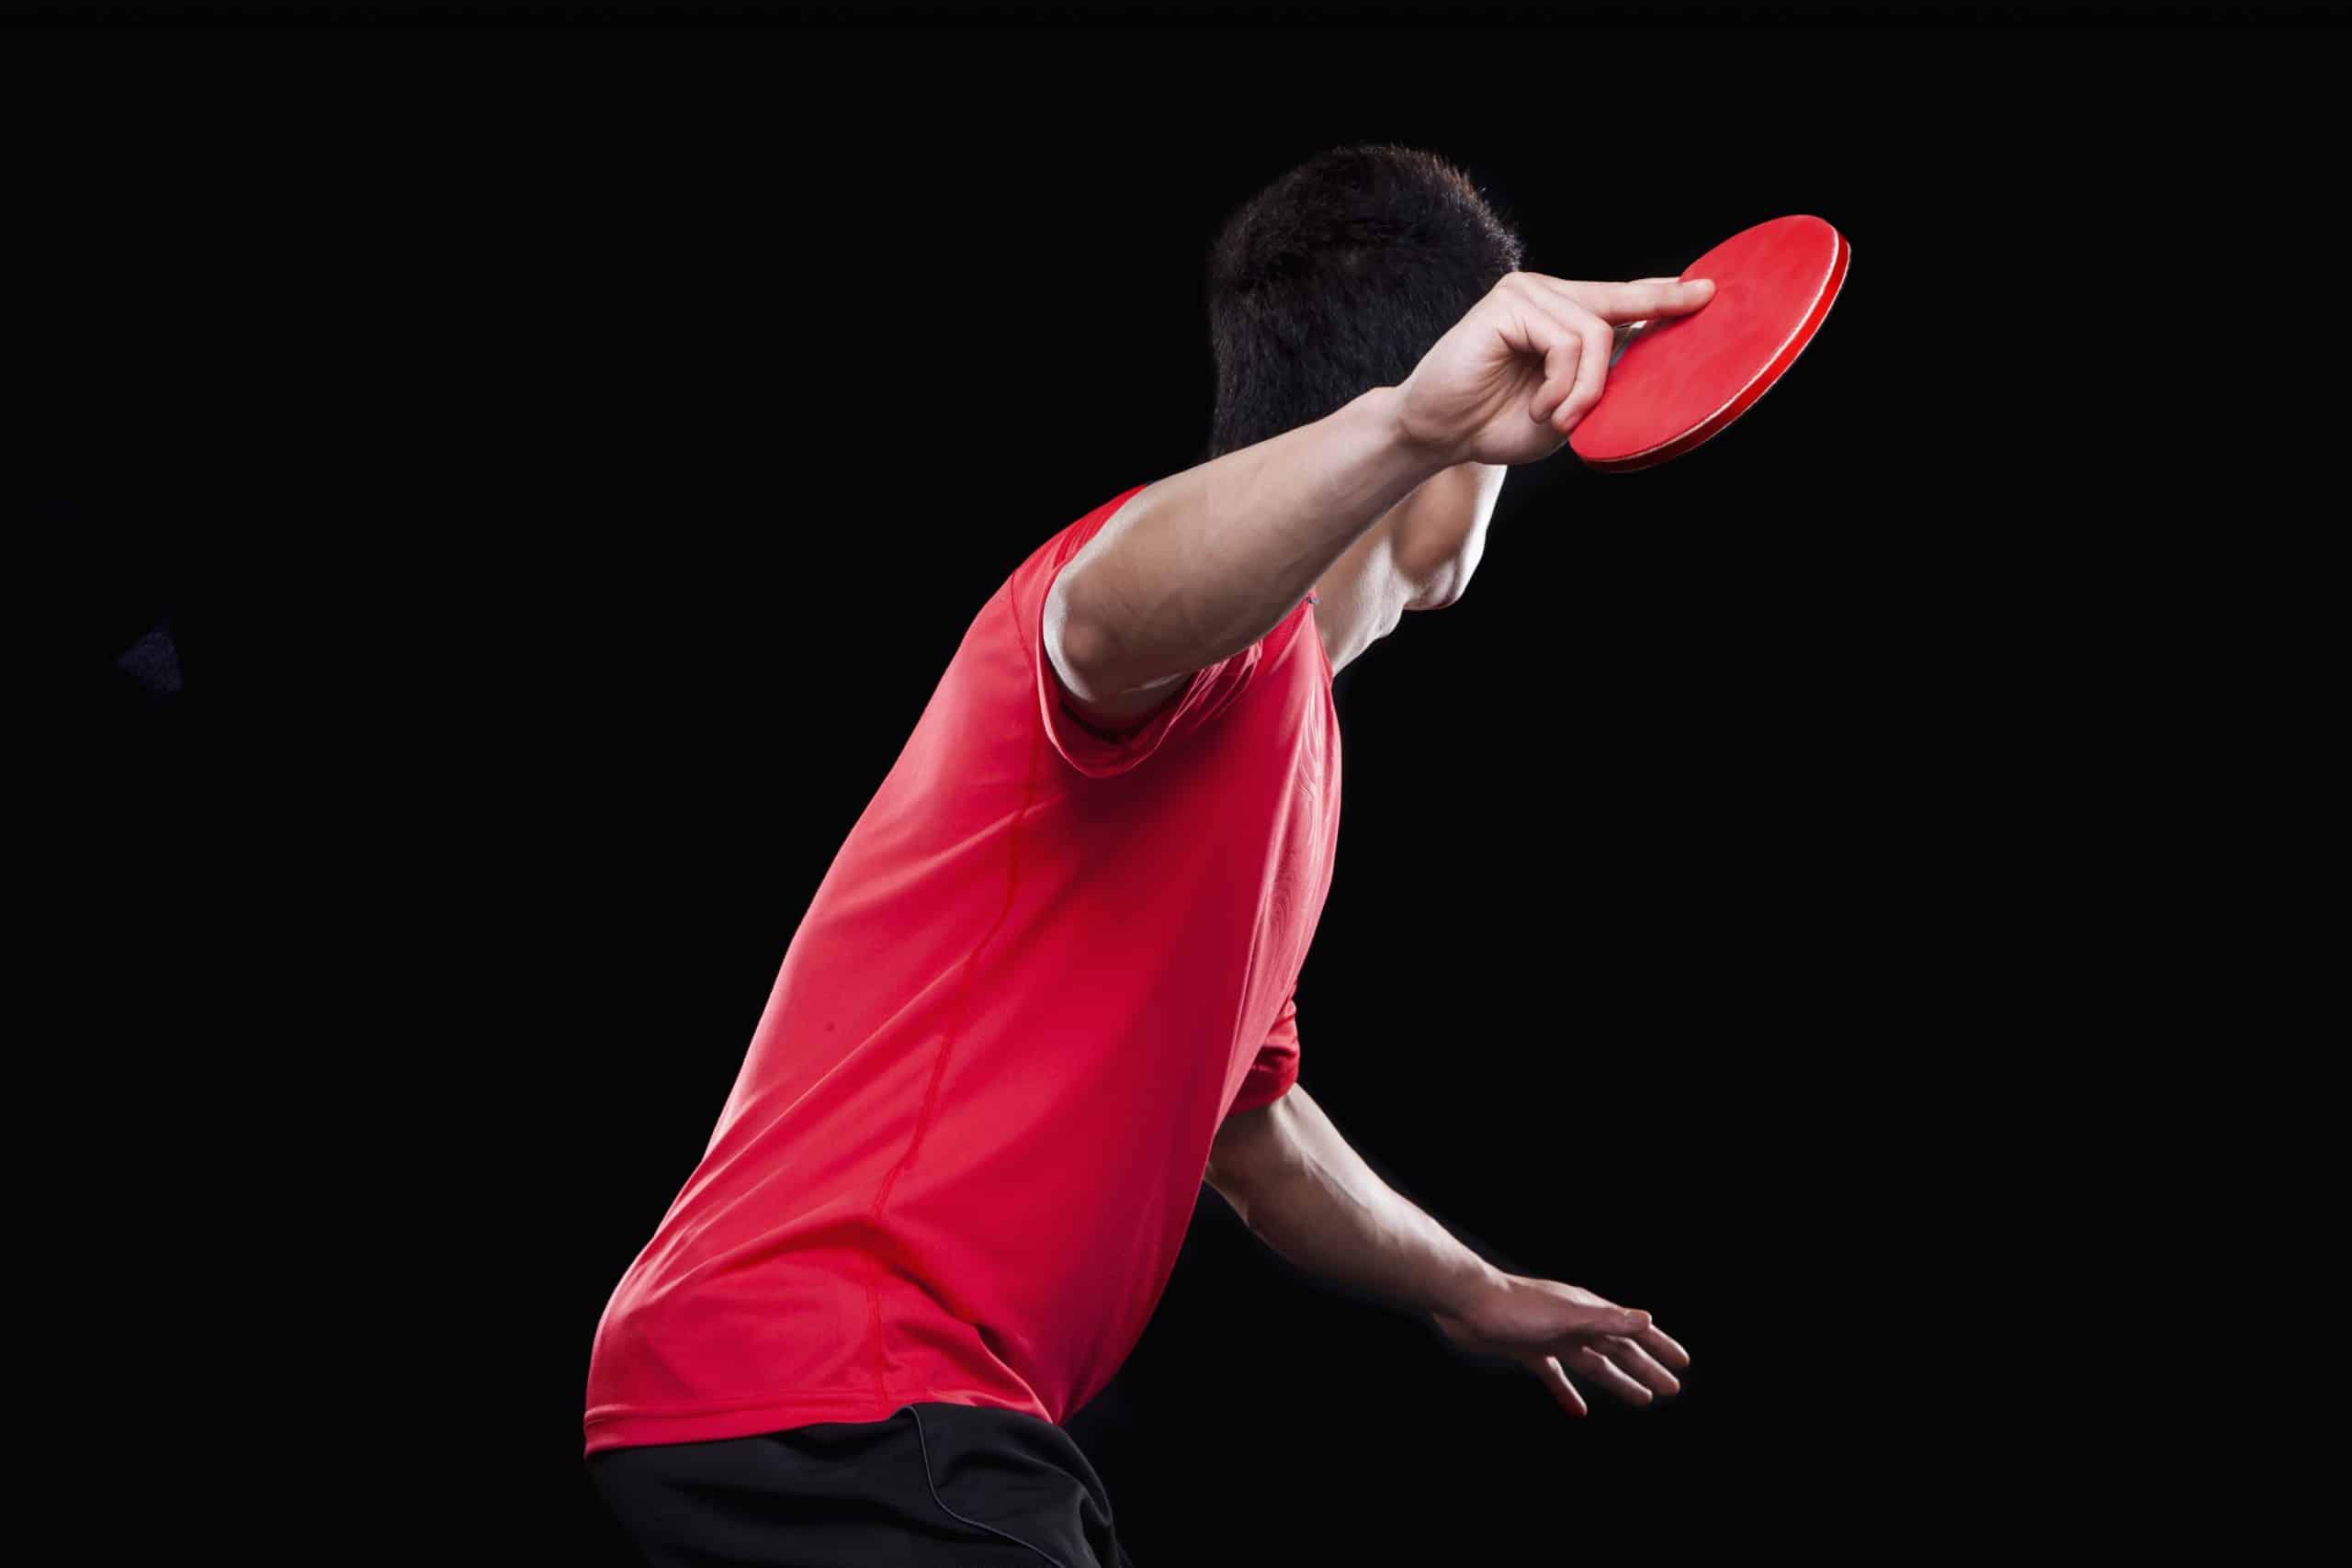 Qu'est-ce qu'un coup de ping-pong?